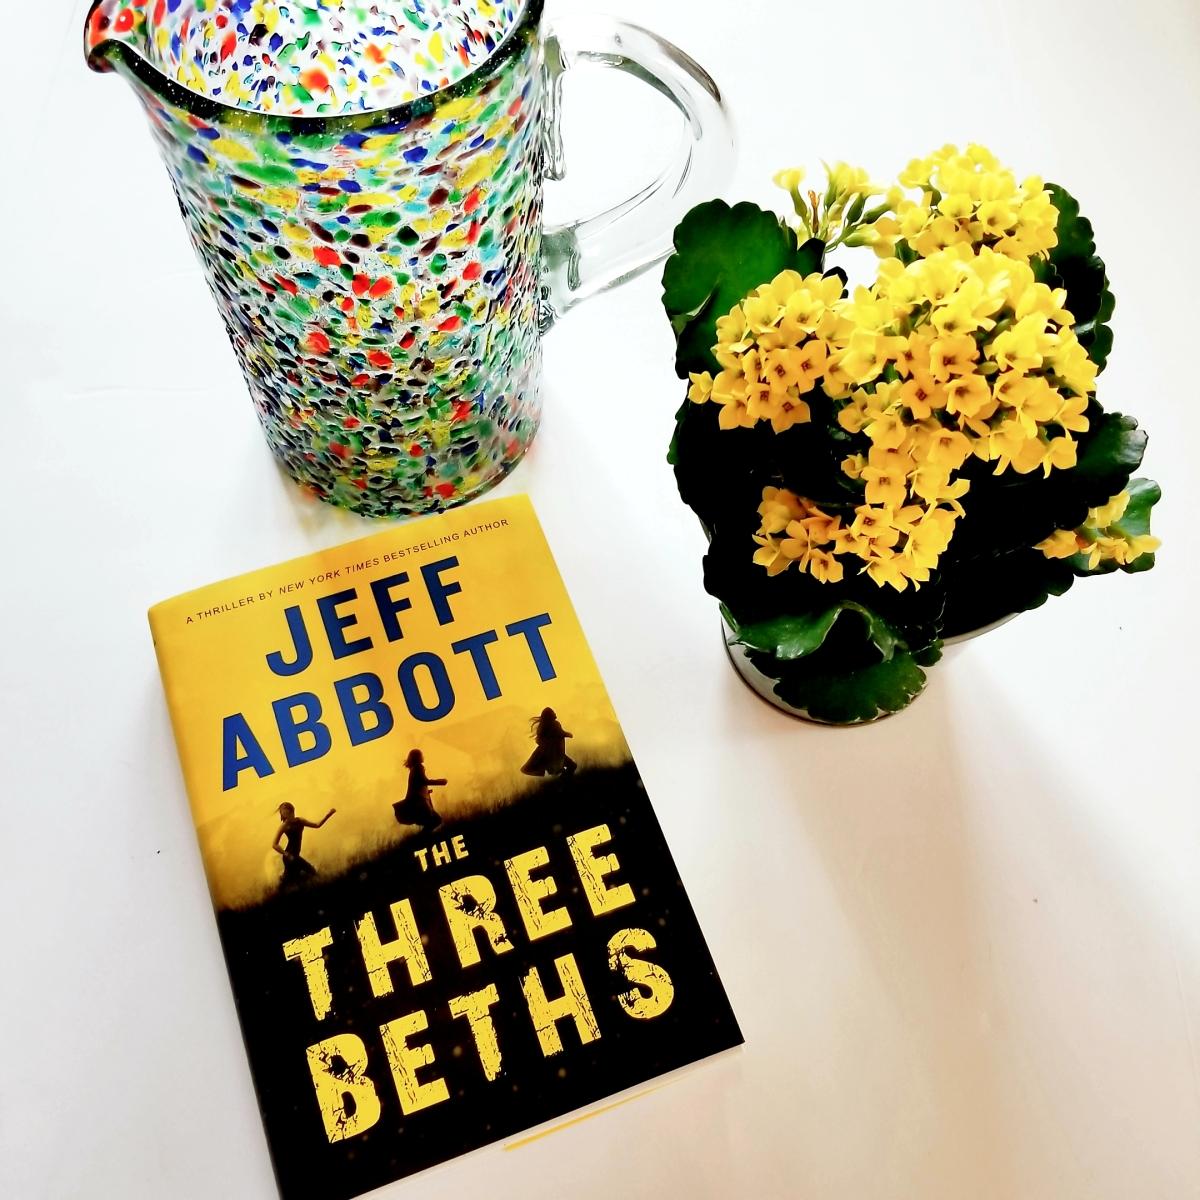 Three Beths by Jeff Abbott #bookreview #tarheelreader #thrthreebeths @jeffabbott @grandcentralpub #thethreebeths #bookgiveaway (two chances to win!)